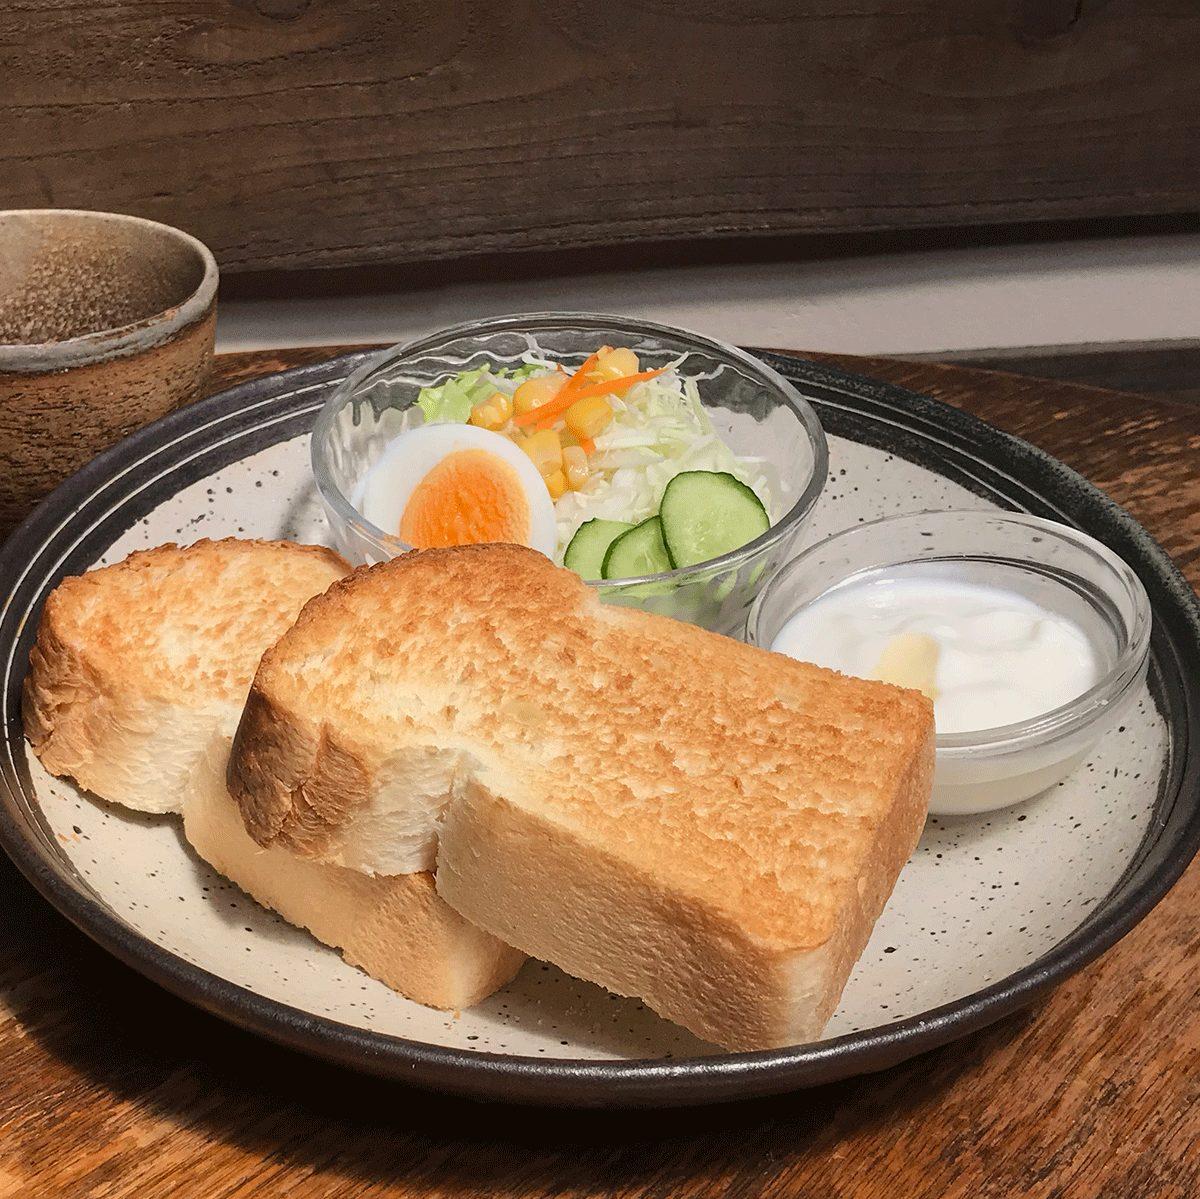 Usaboku's Breakfast: Buttered toast set